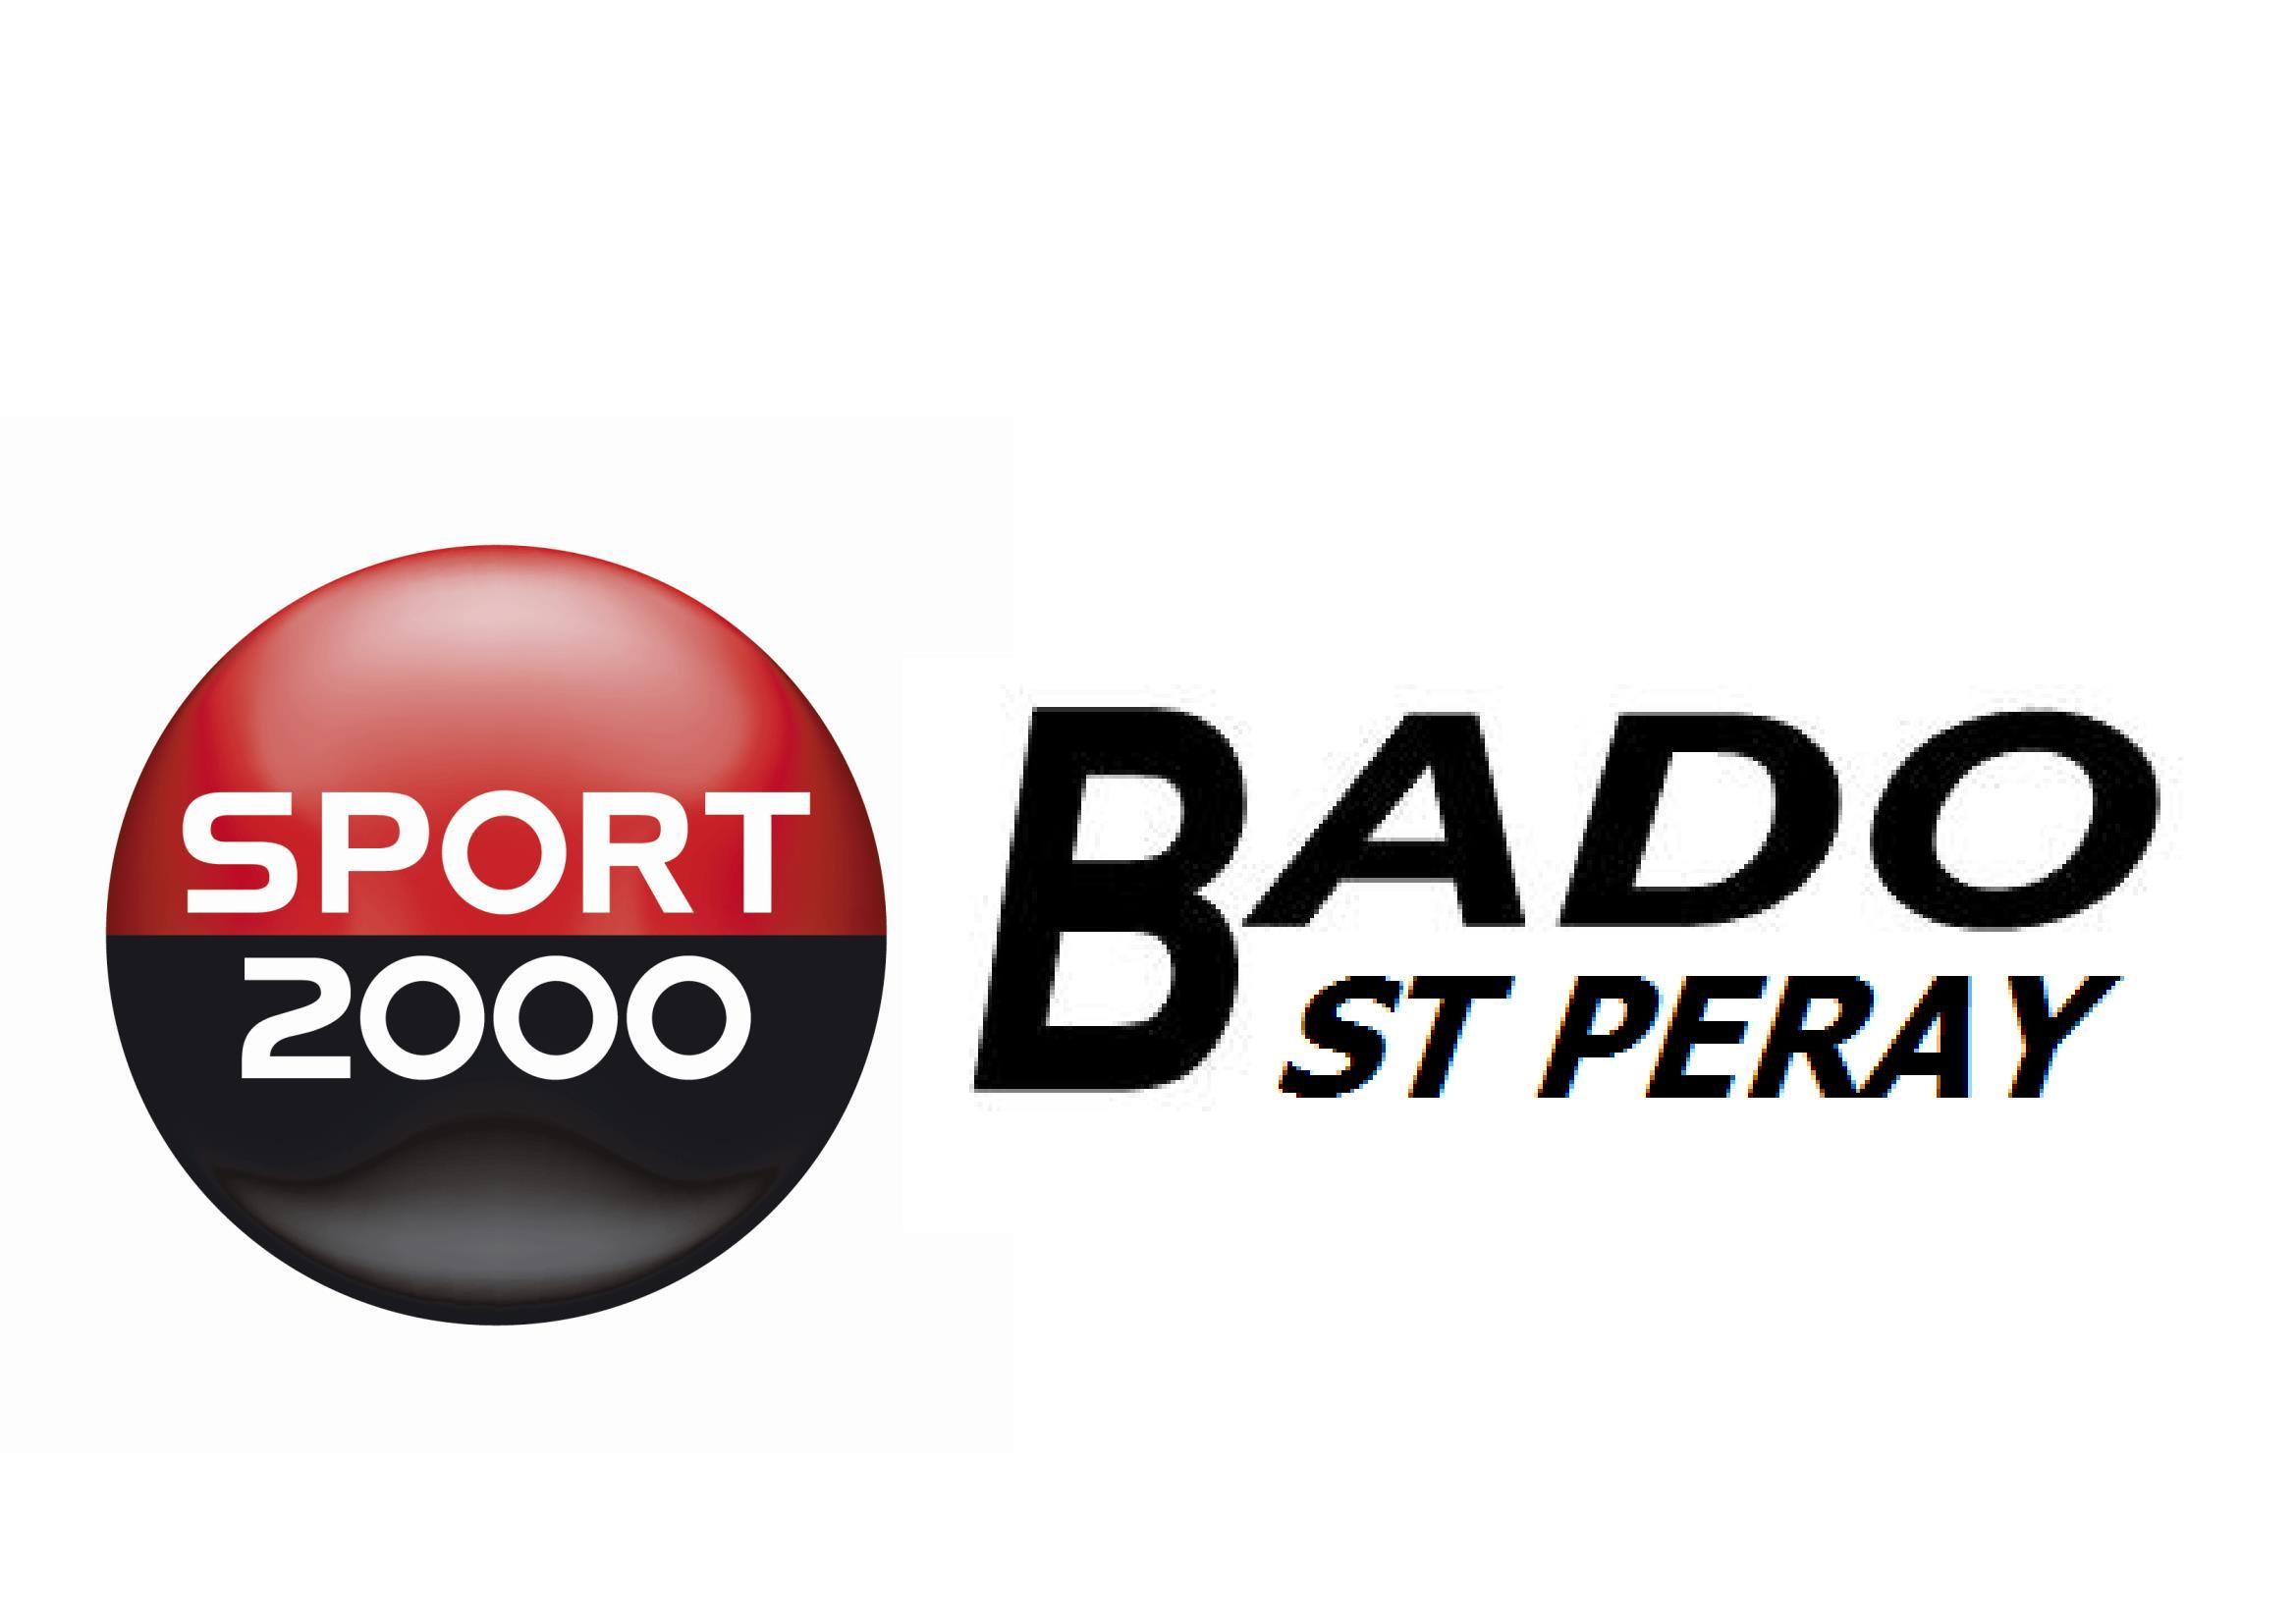 Bado Sport 2000